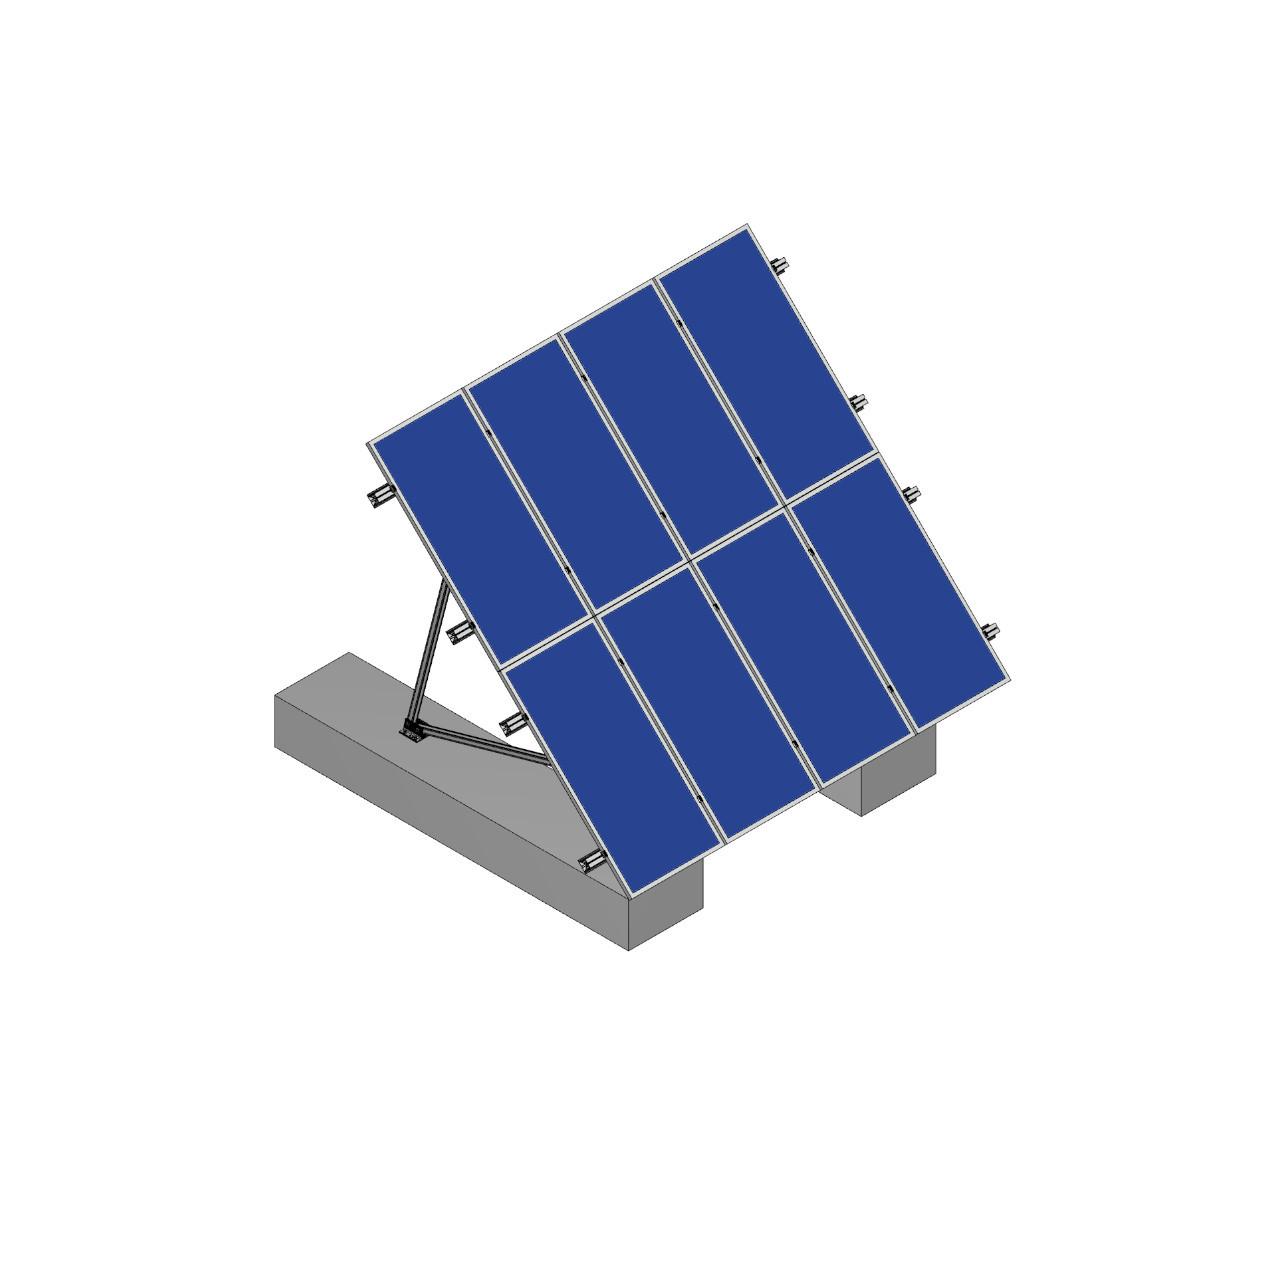 Schletter - PVMax 2Vx4-45deg-Concrete-Solid-Panels